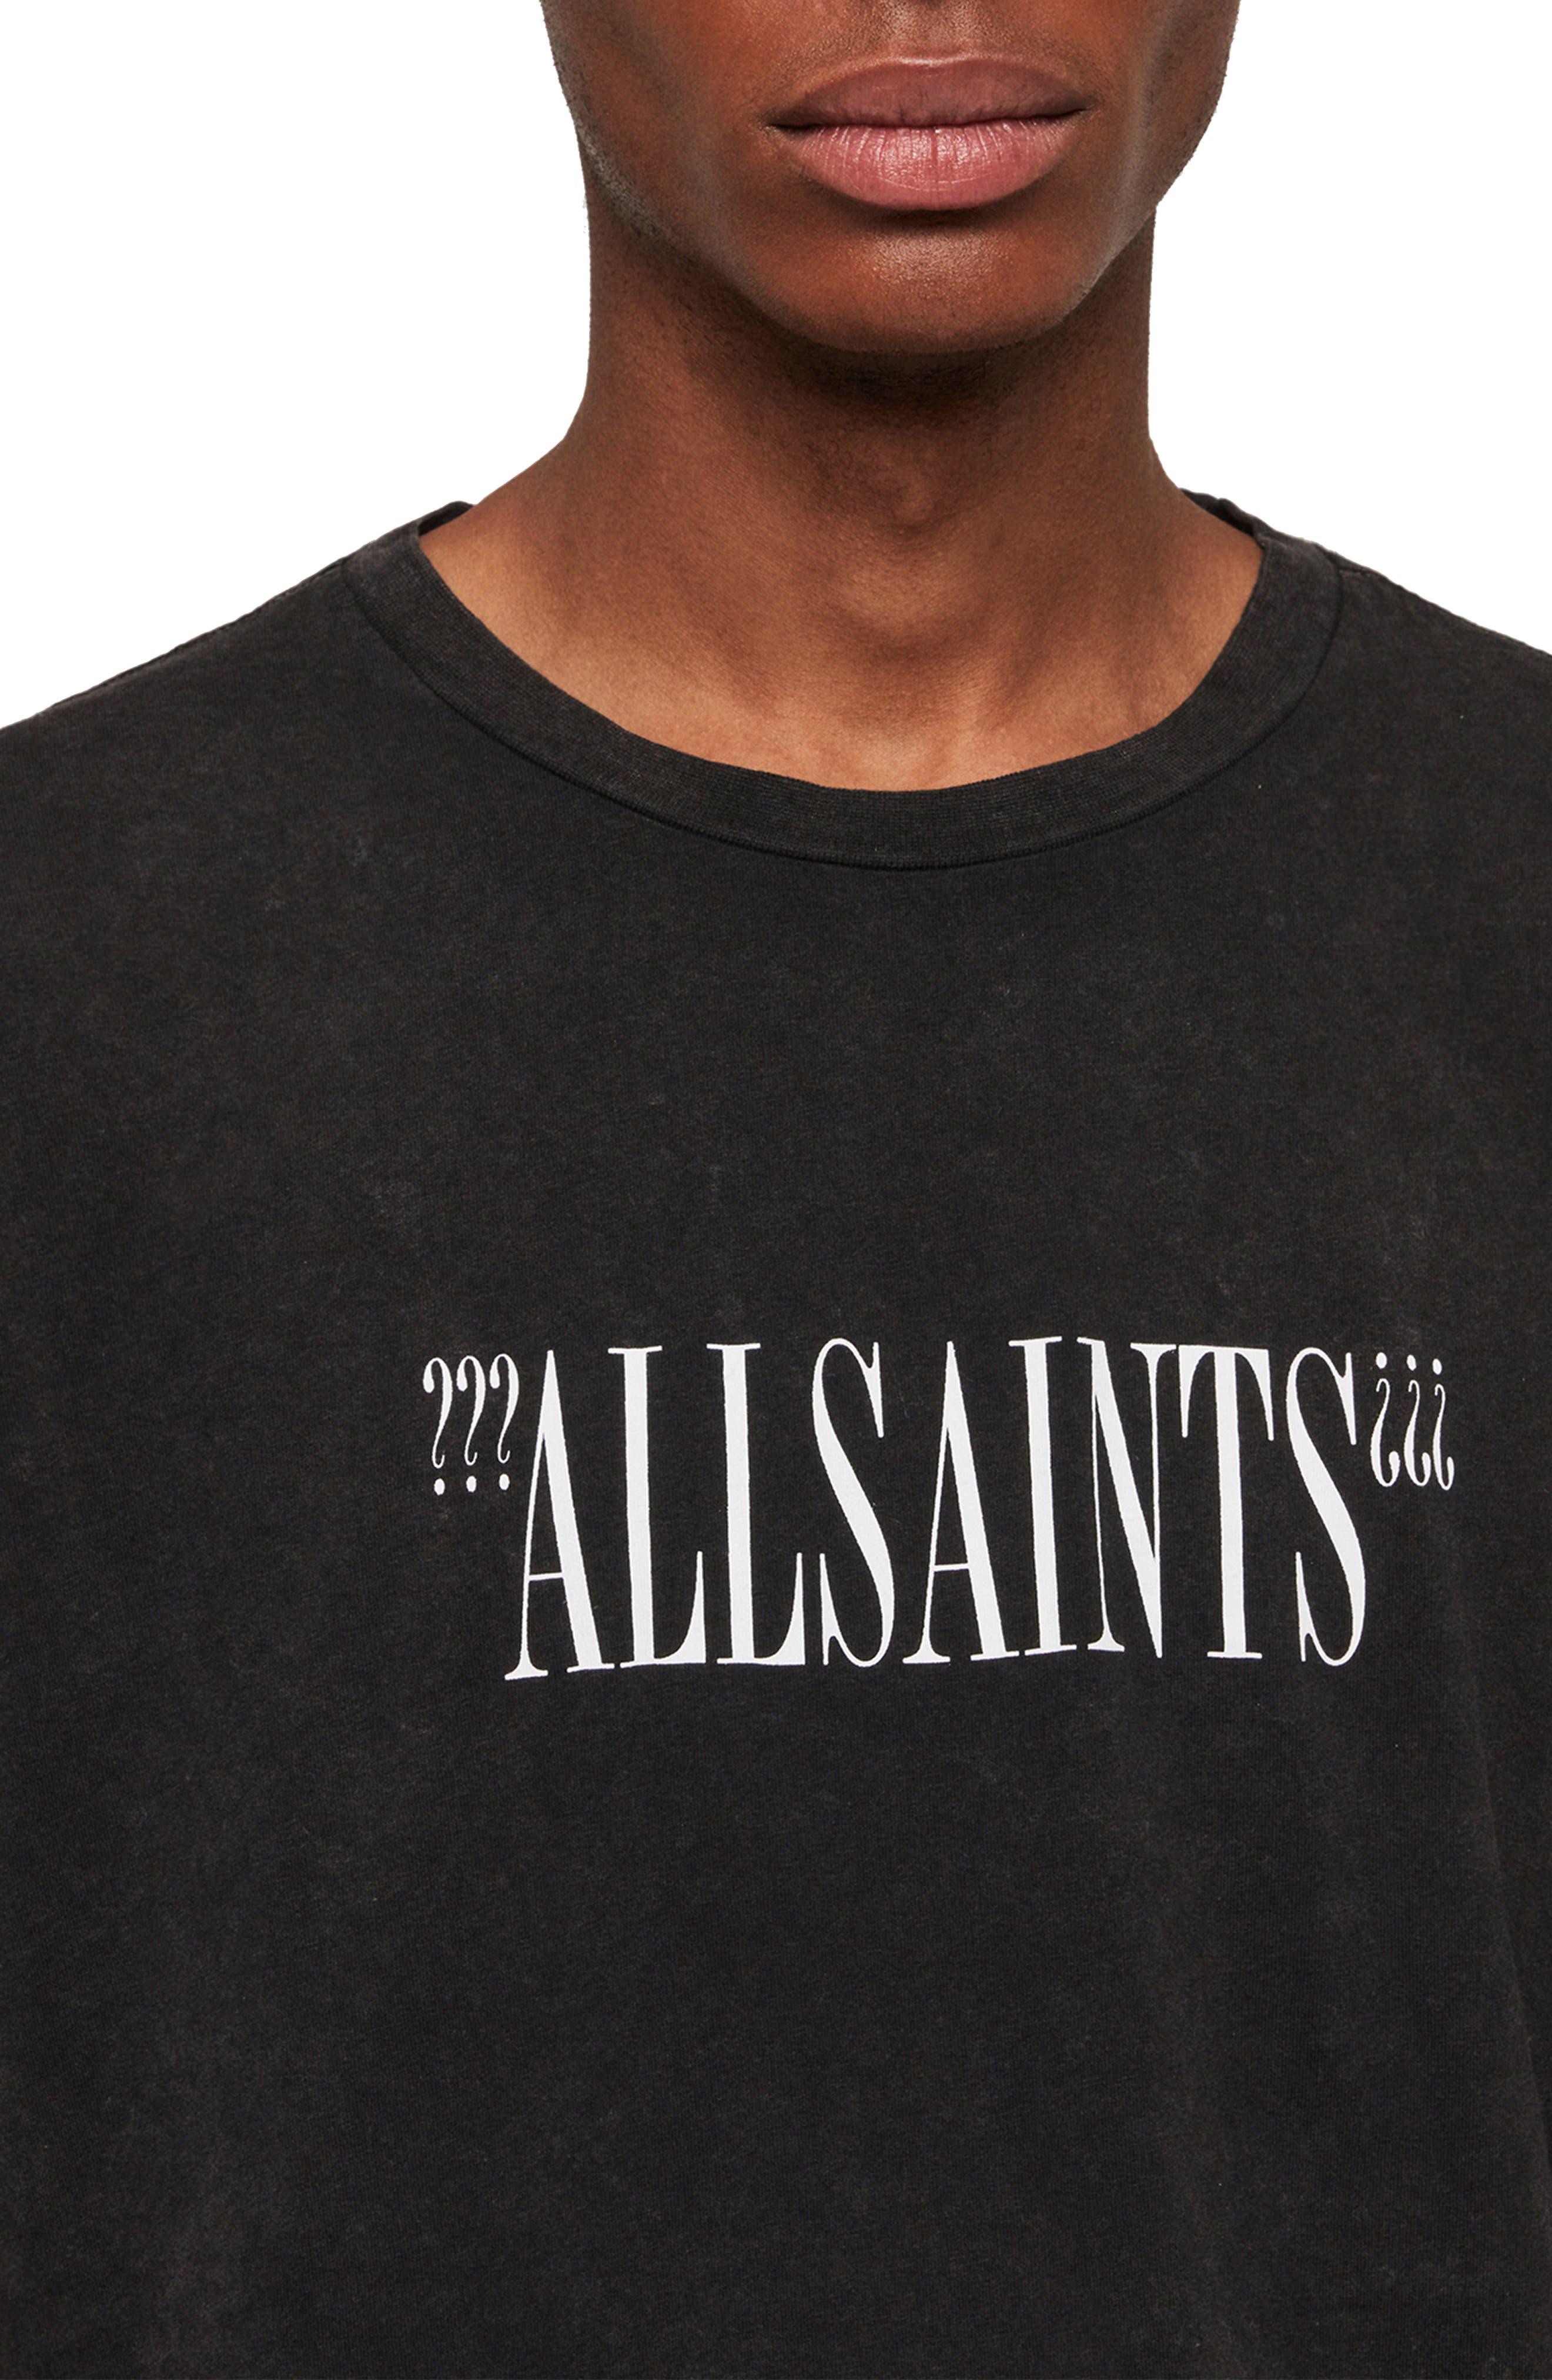 ALLSAINTS, Brackets Classic Fit Crewneck T-Shirt, Alternate thumbnail 4, color, ACID WASHED BLACK